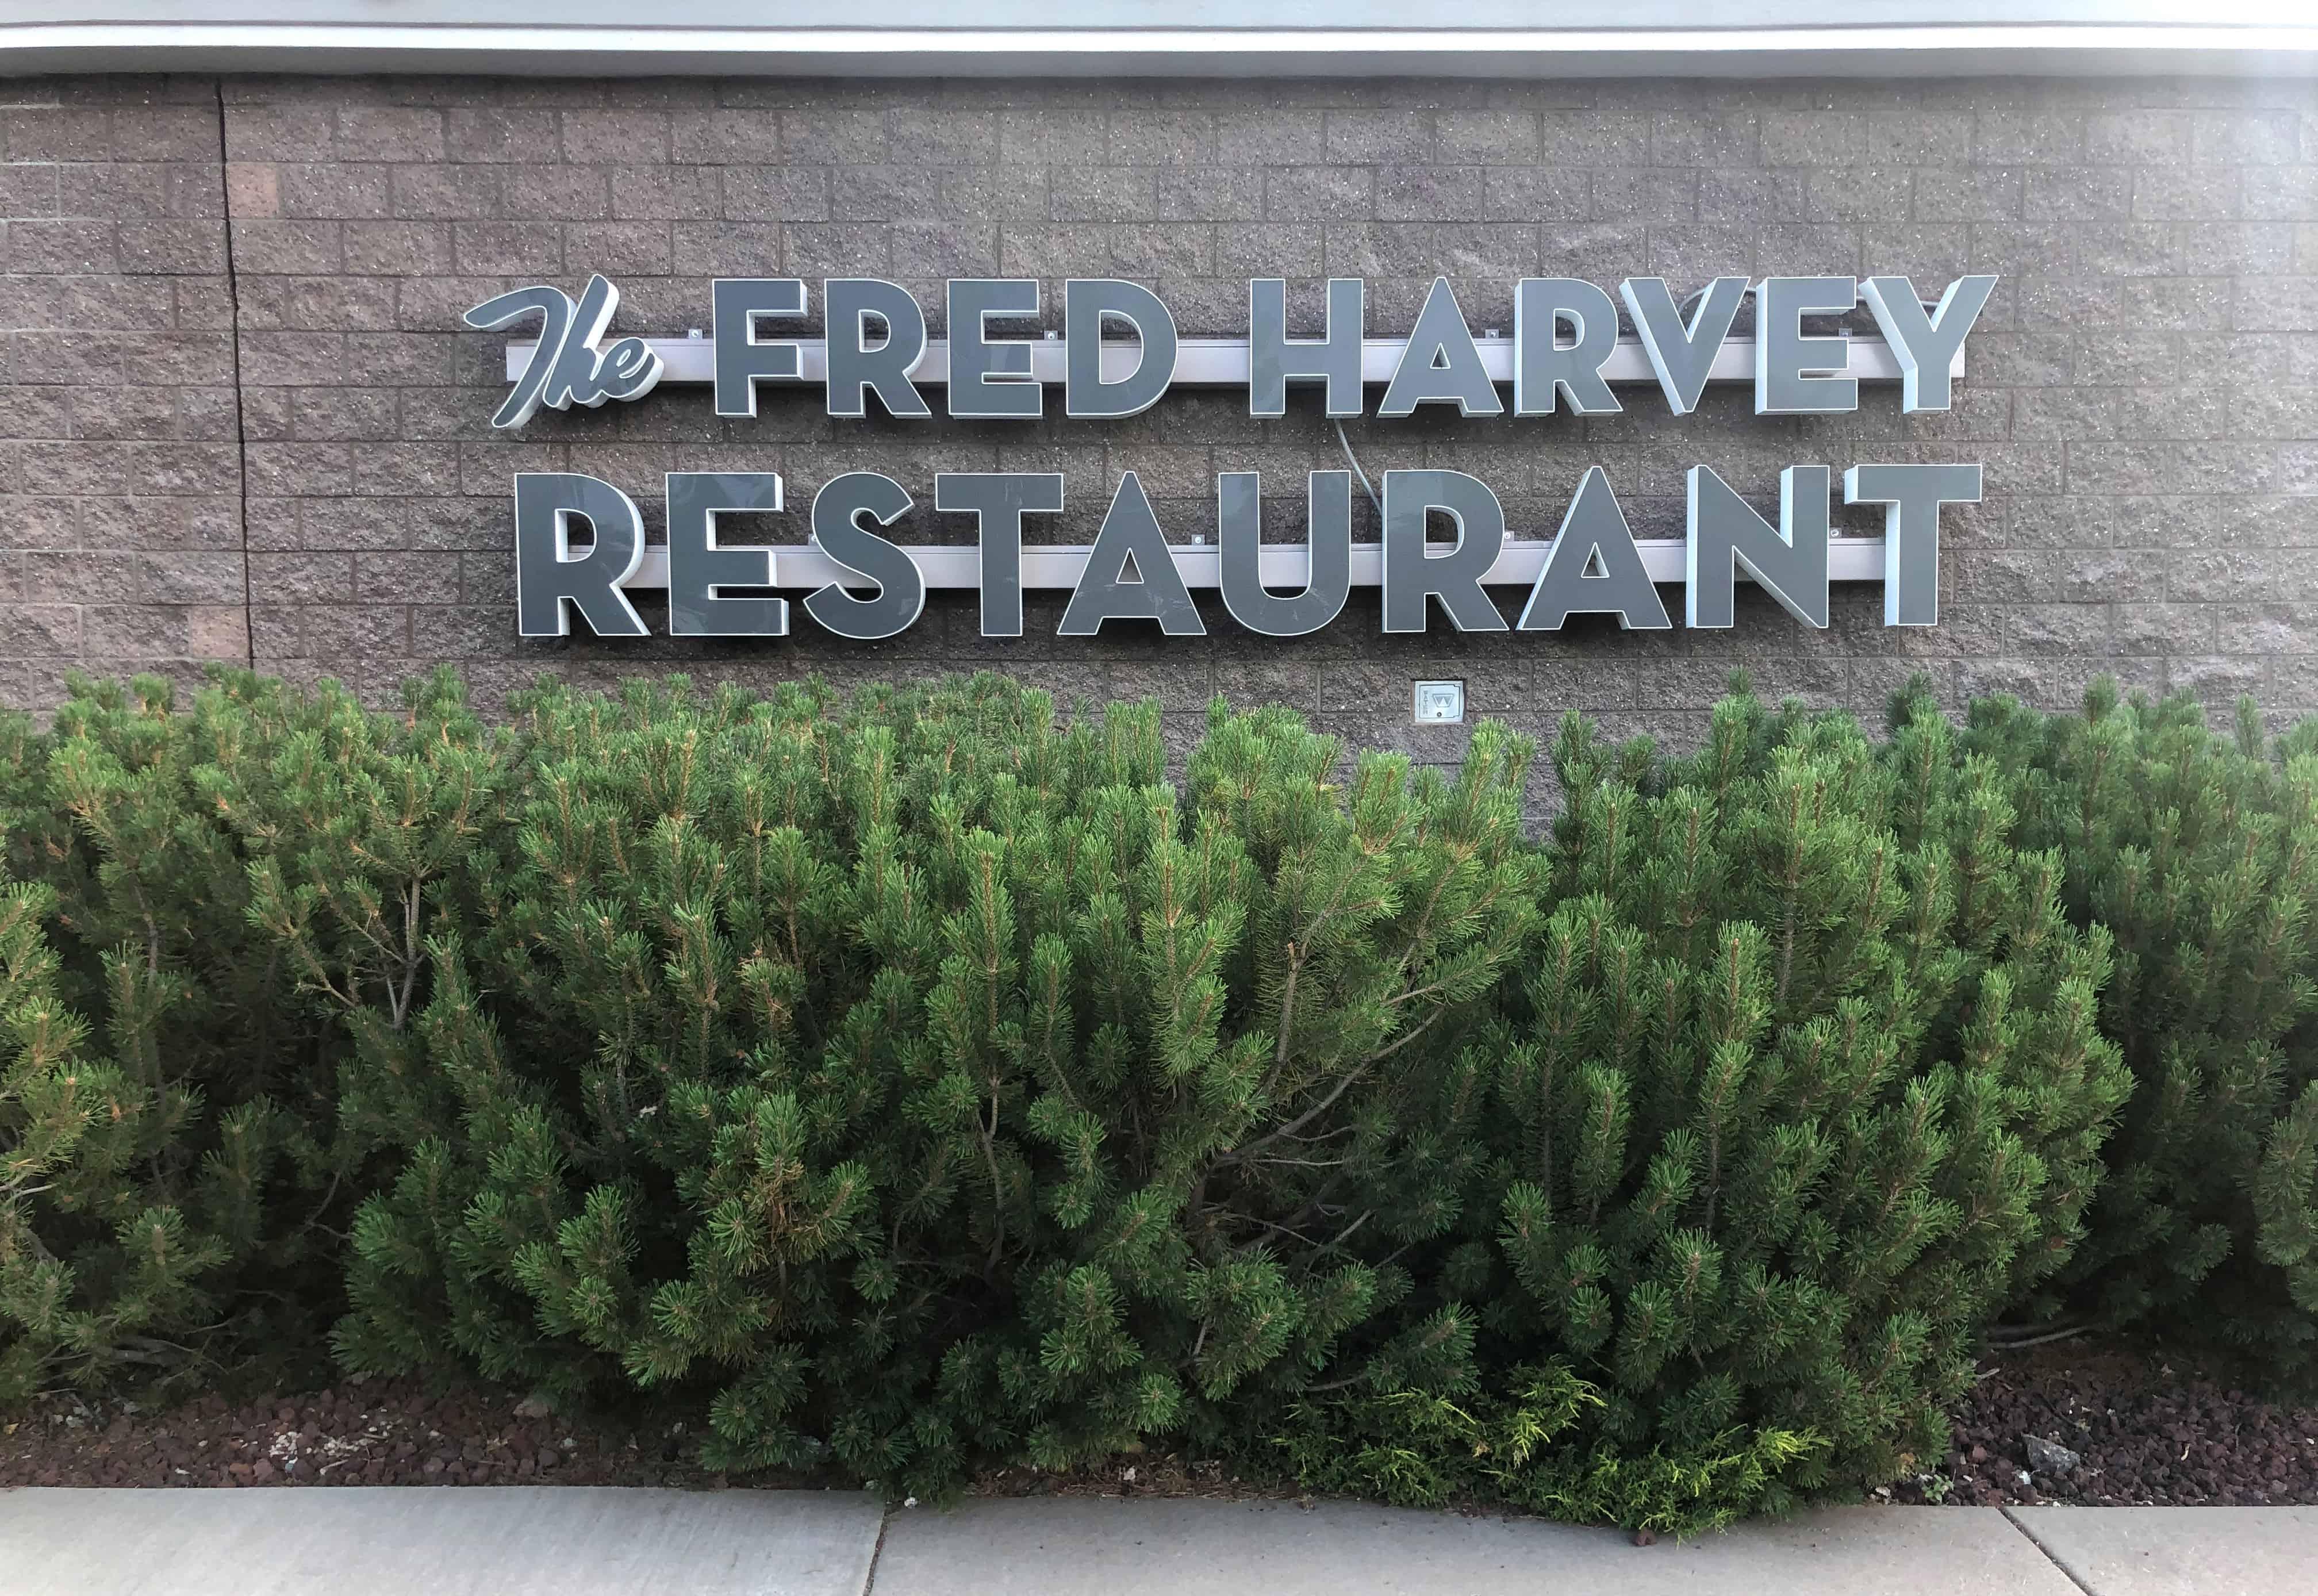 fred harvey restaurant